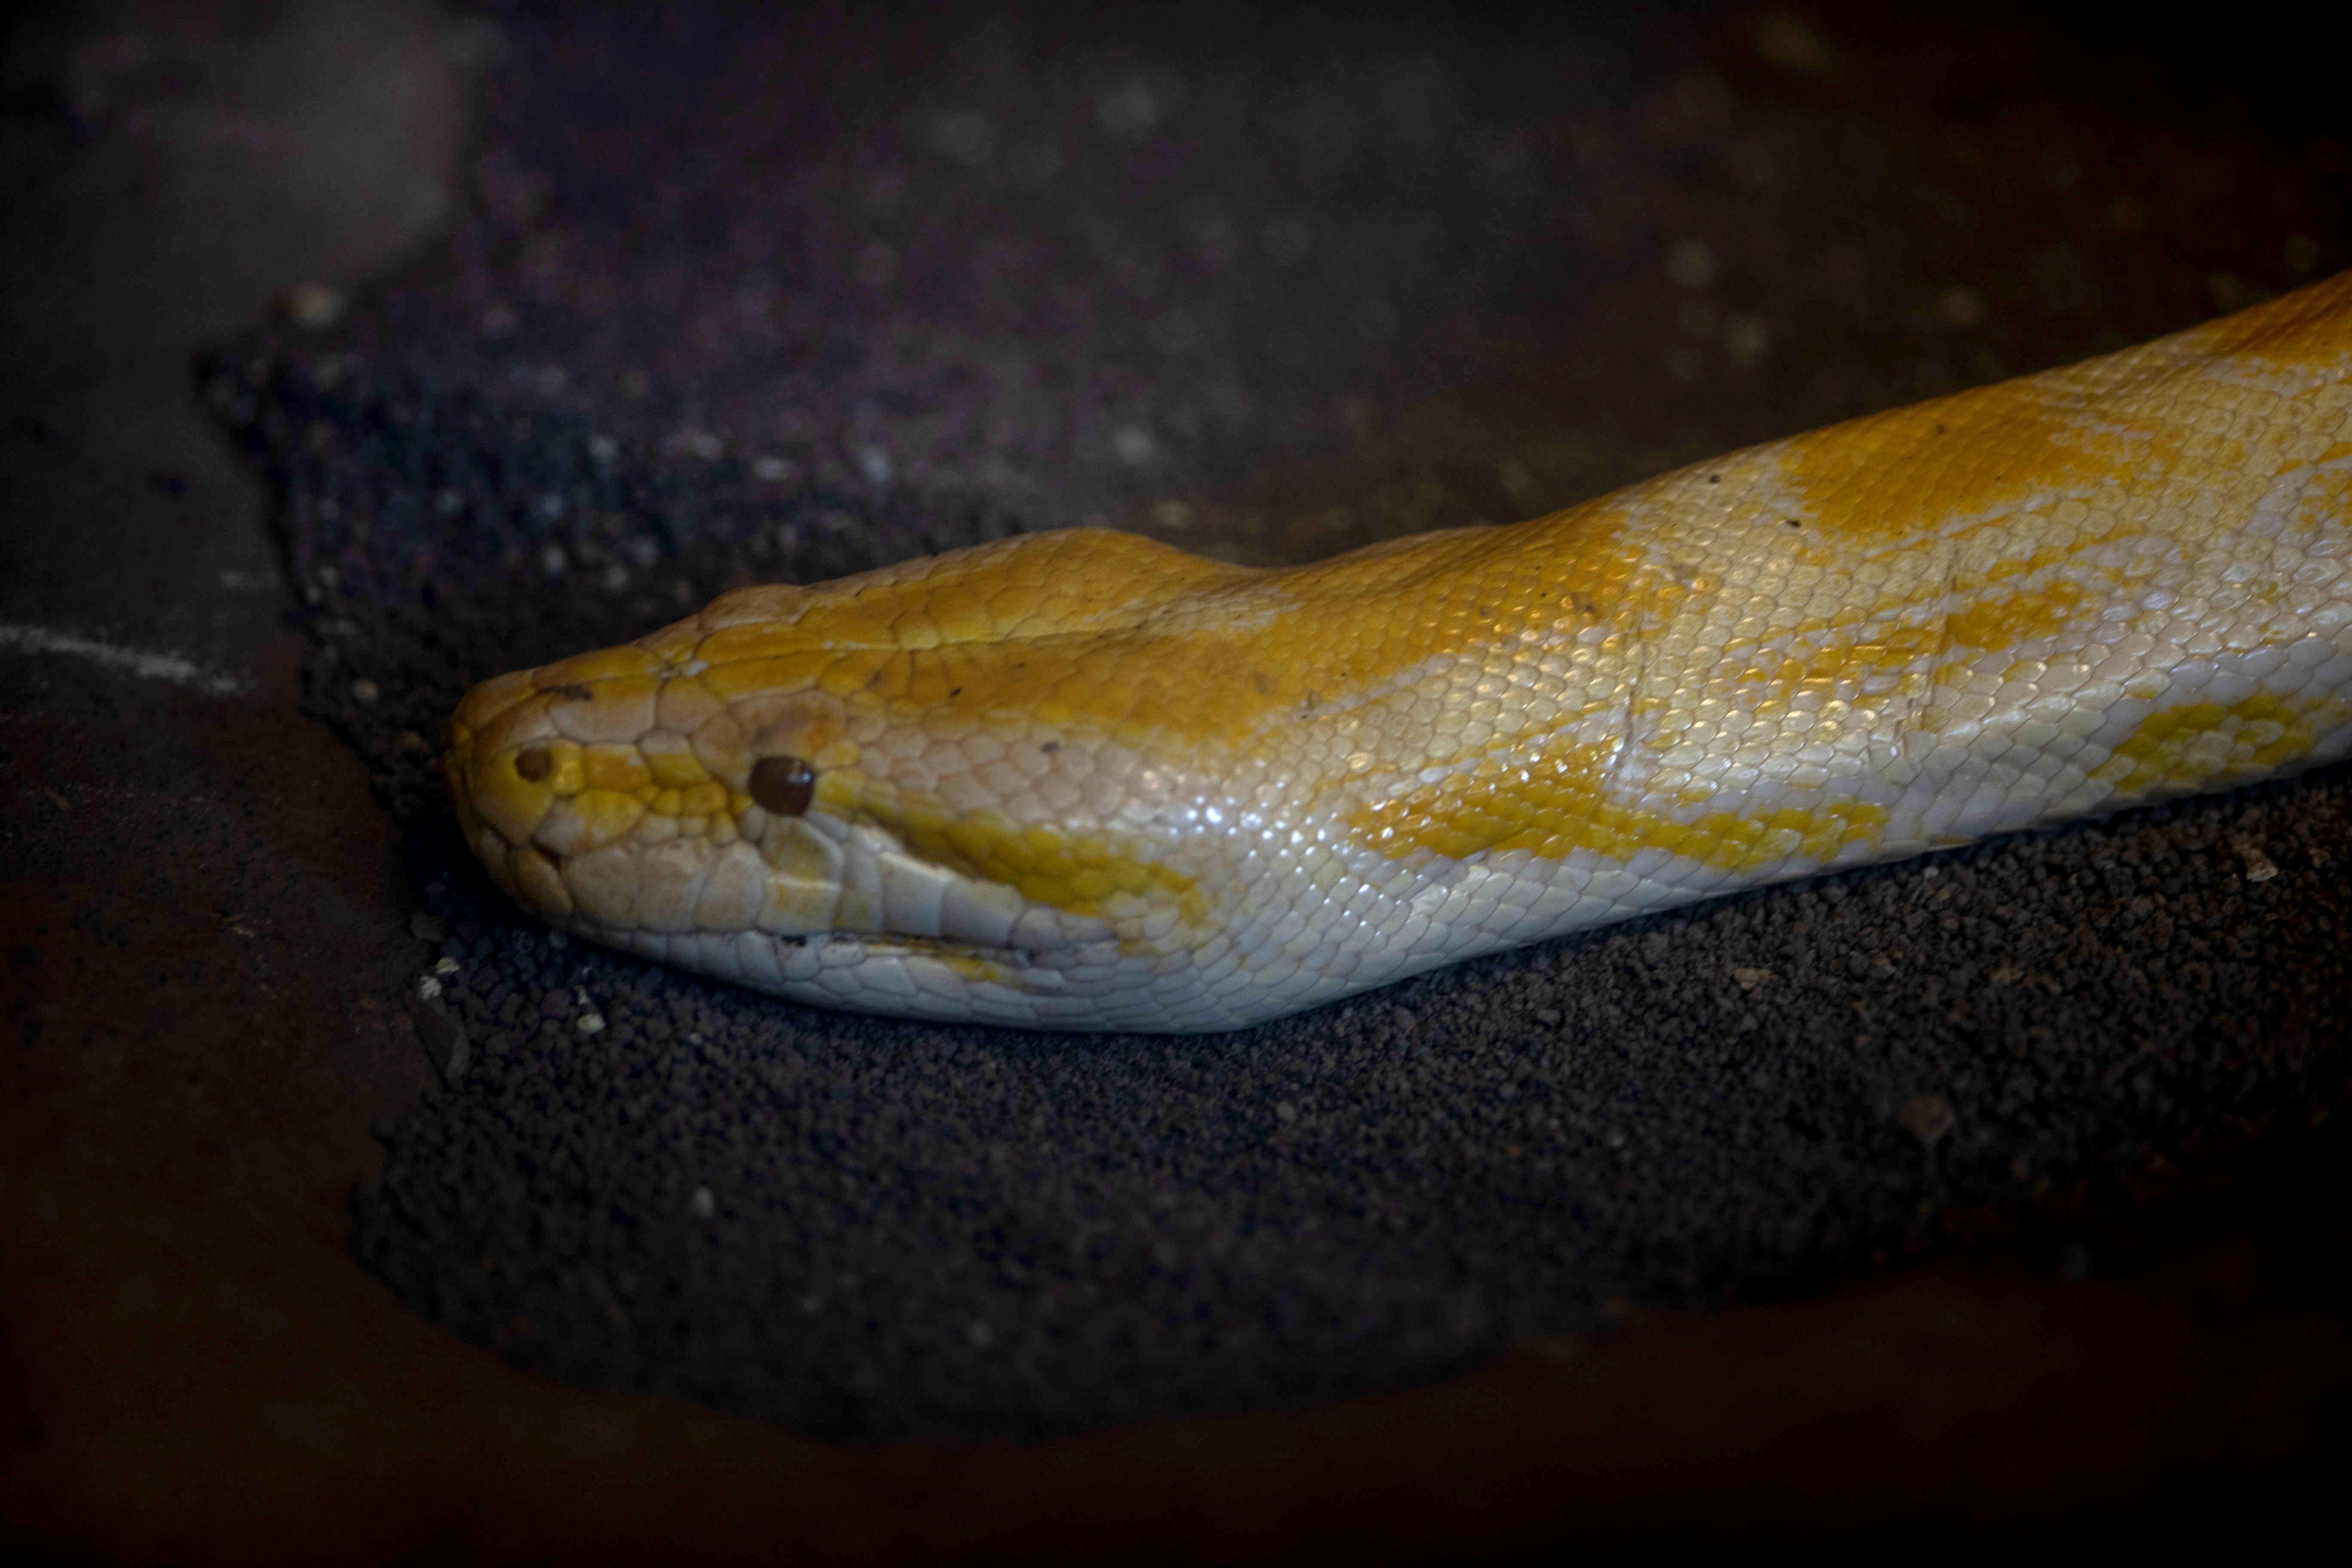 AME5392. MANAGUA (NICARAGUA), 29/01/2019.- Una boa constrictor es vista este martes en el Zoológico Nacional en Managua (Nicaragua), donde permanecen 945 especies en protección, mientras esperan para ser liberadas. EFE/Jorge Torres